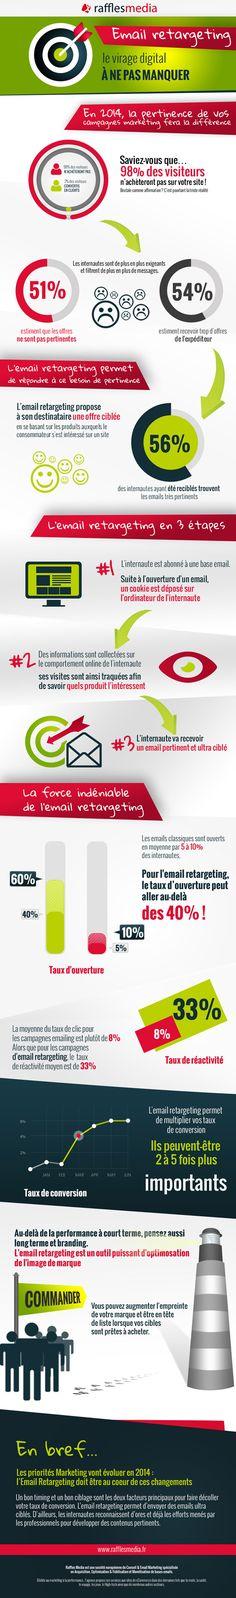 L'email retargeting: Le nouveau must du marketing digital!   Webmarketing & co'm